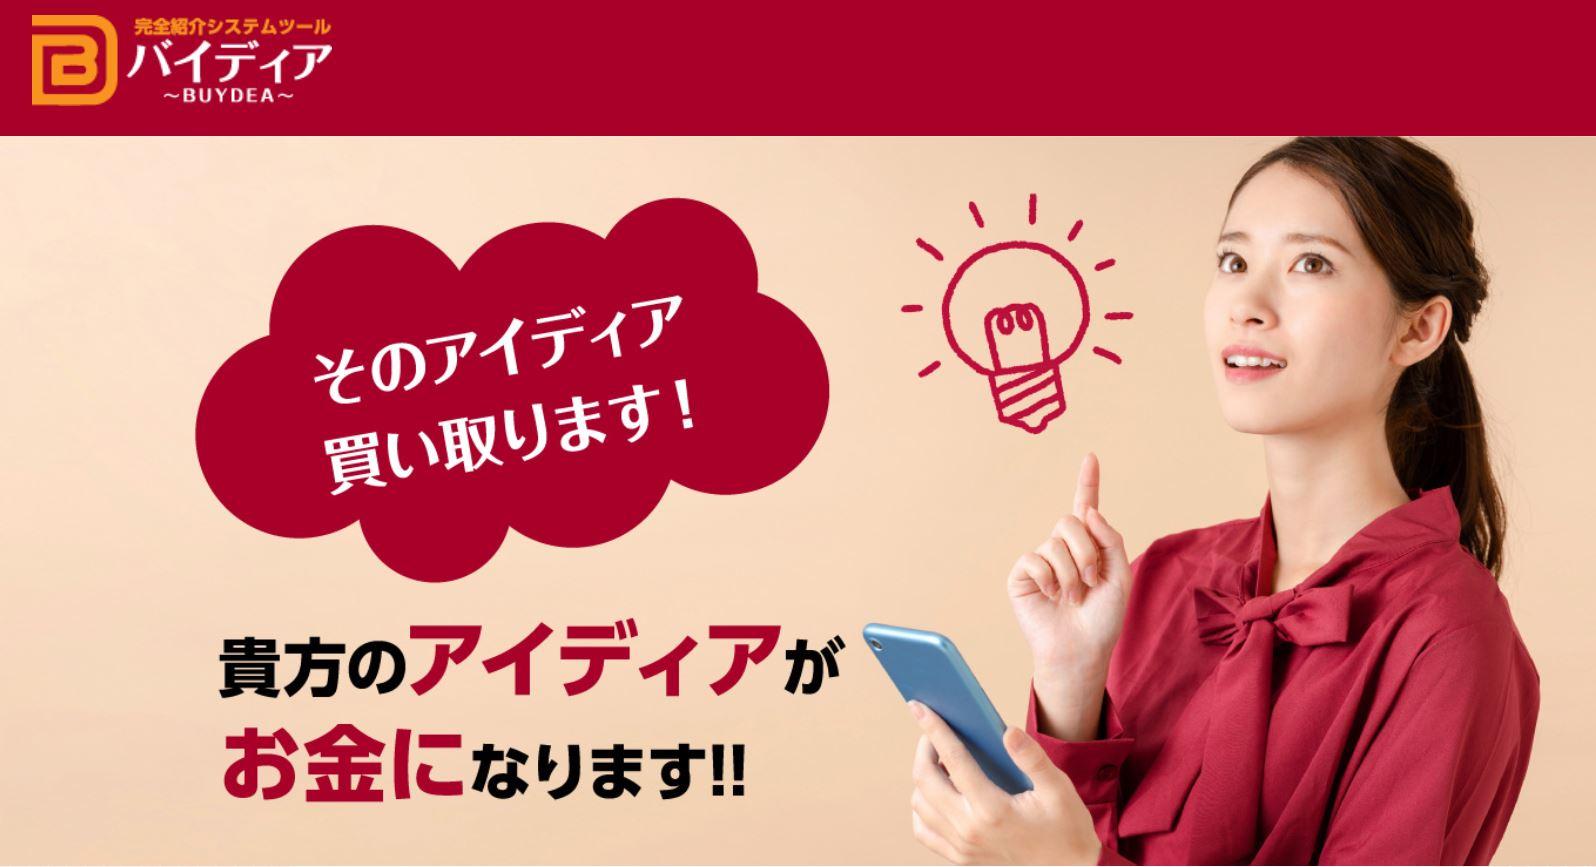 【要注意!】バイディア(BUYDEA)は無料で稼げない!高額支払いも!?